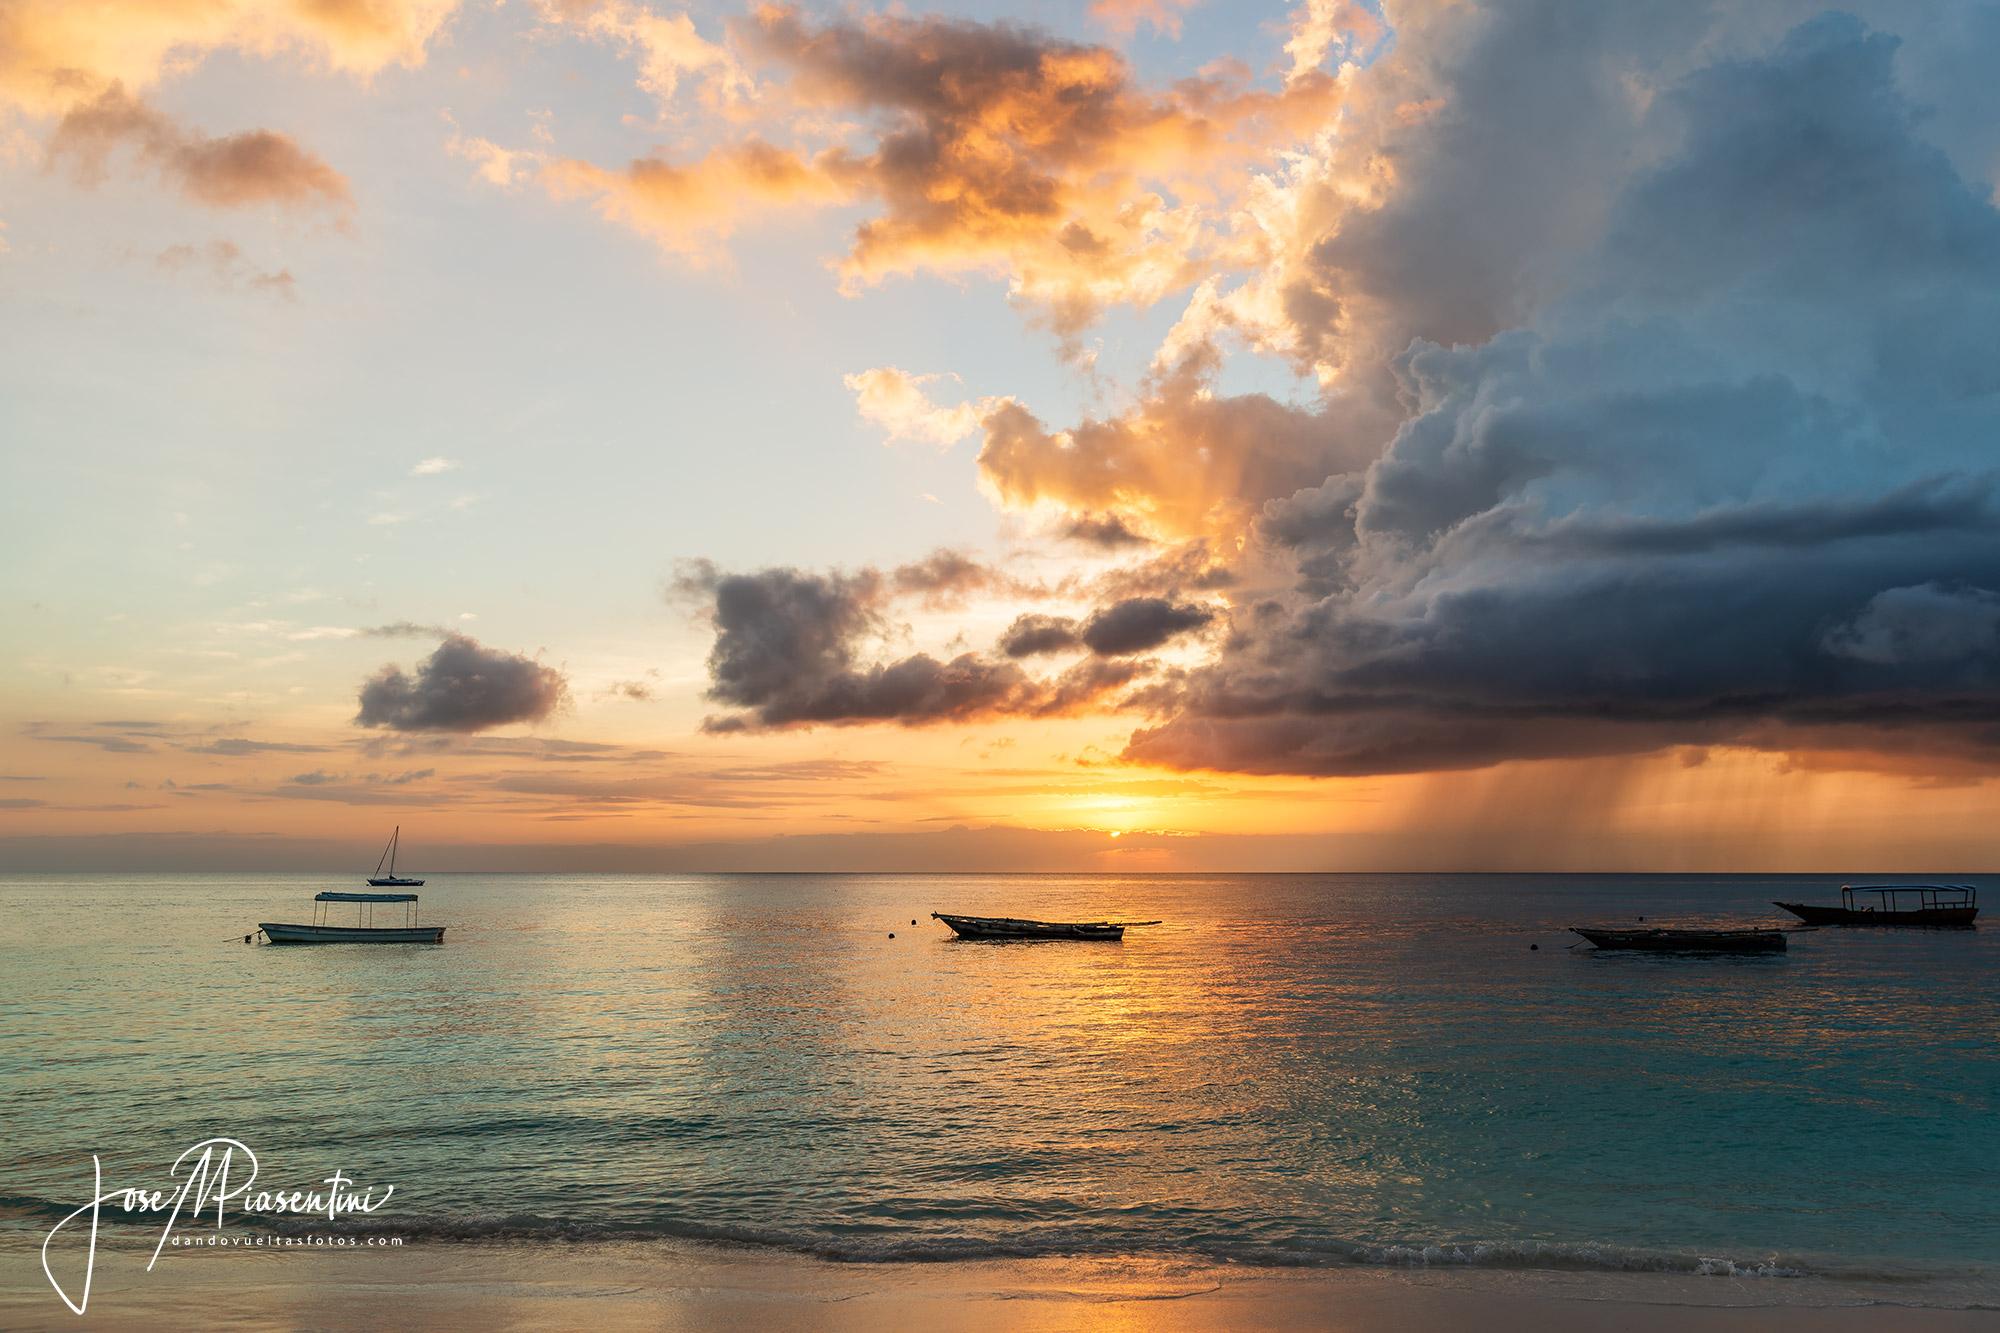 Magical zanzibar sunset